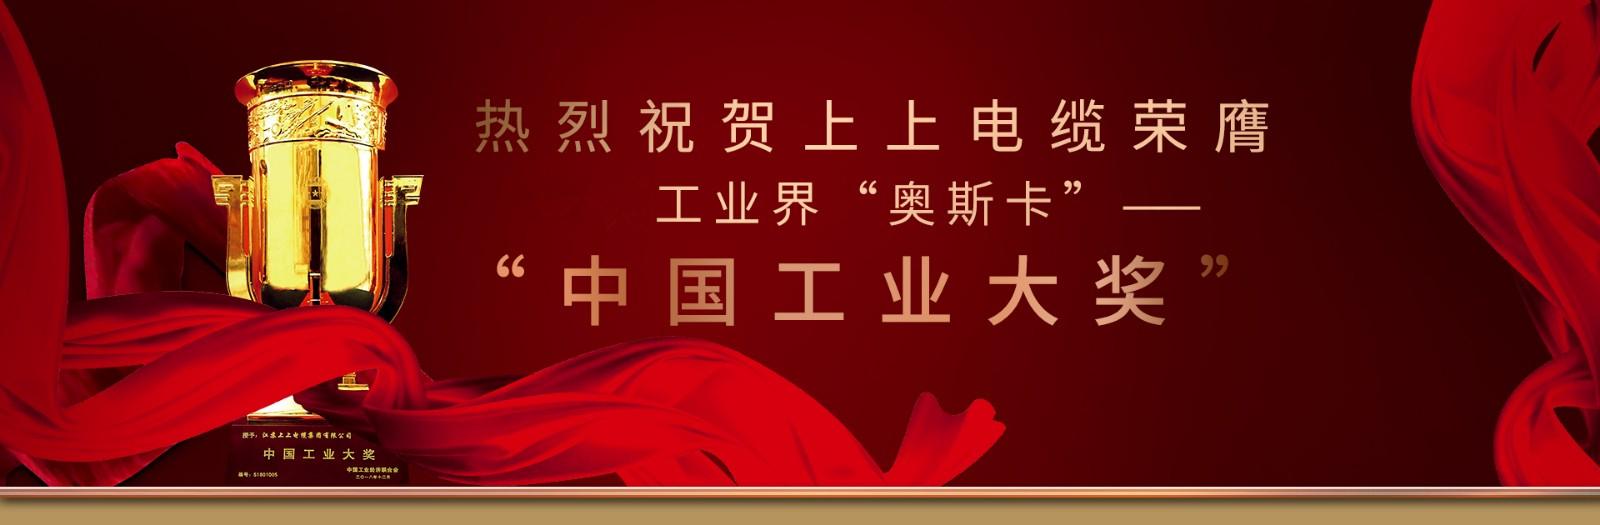 中国工业大奖